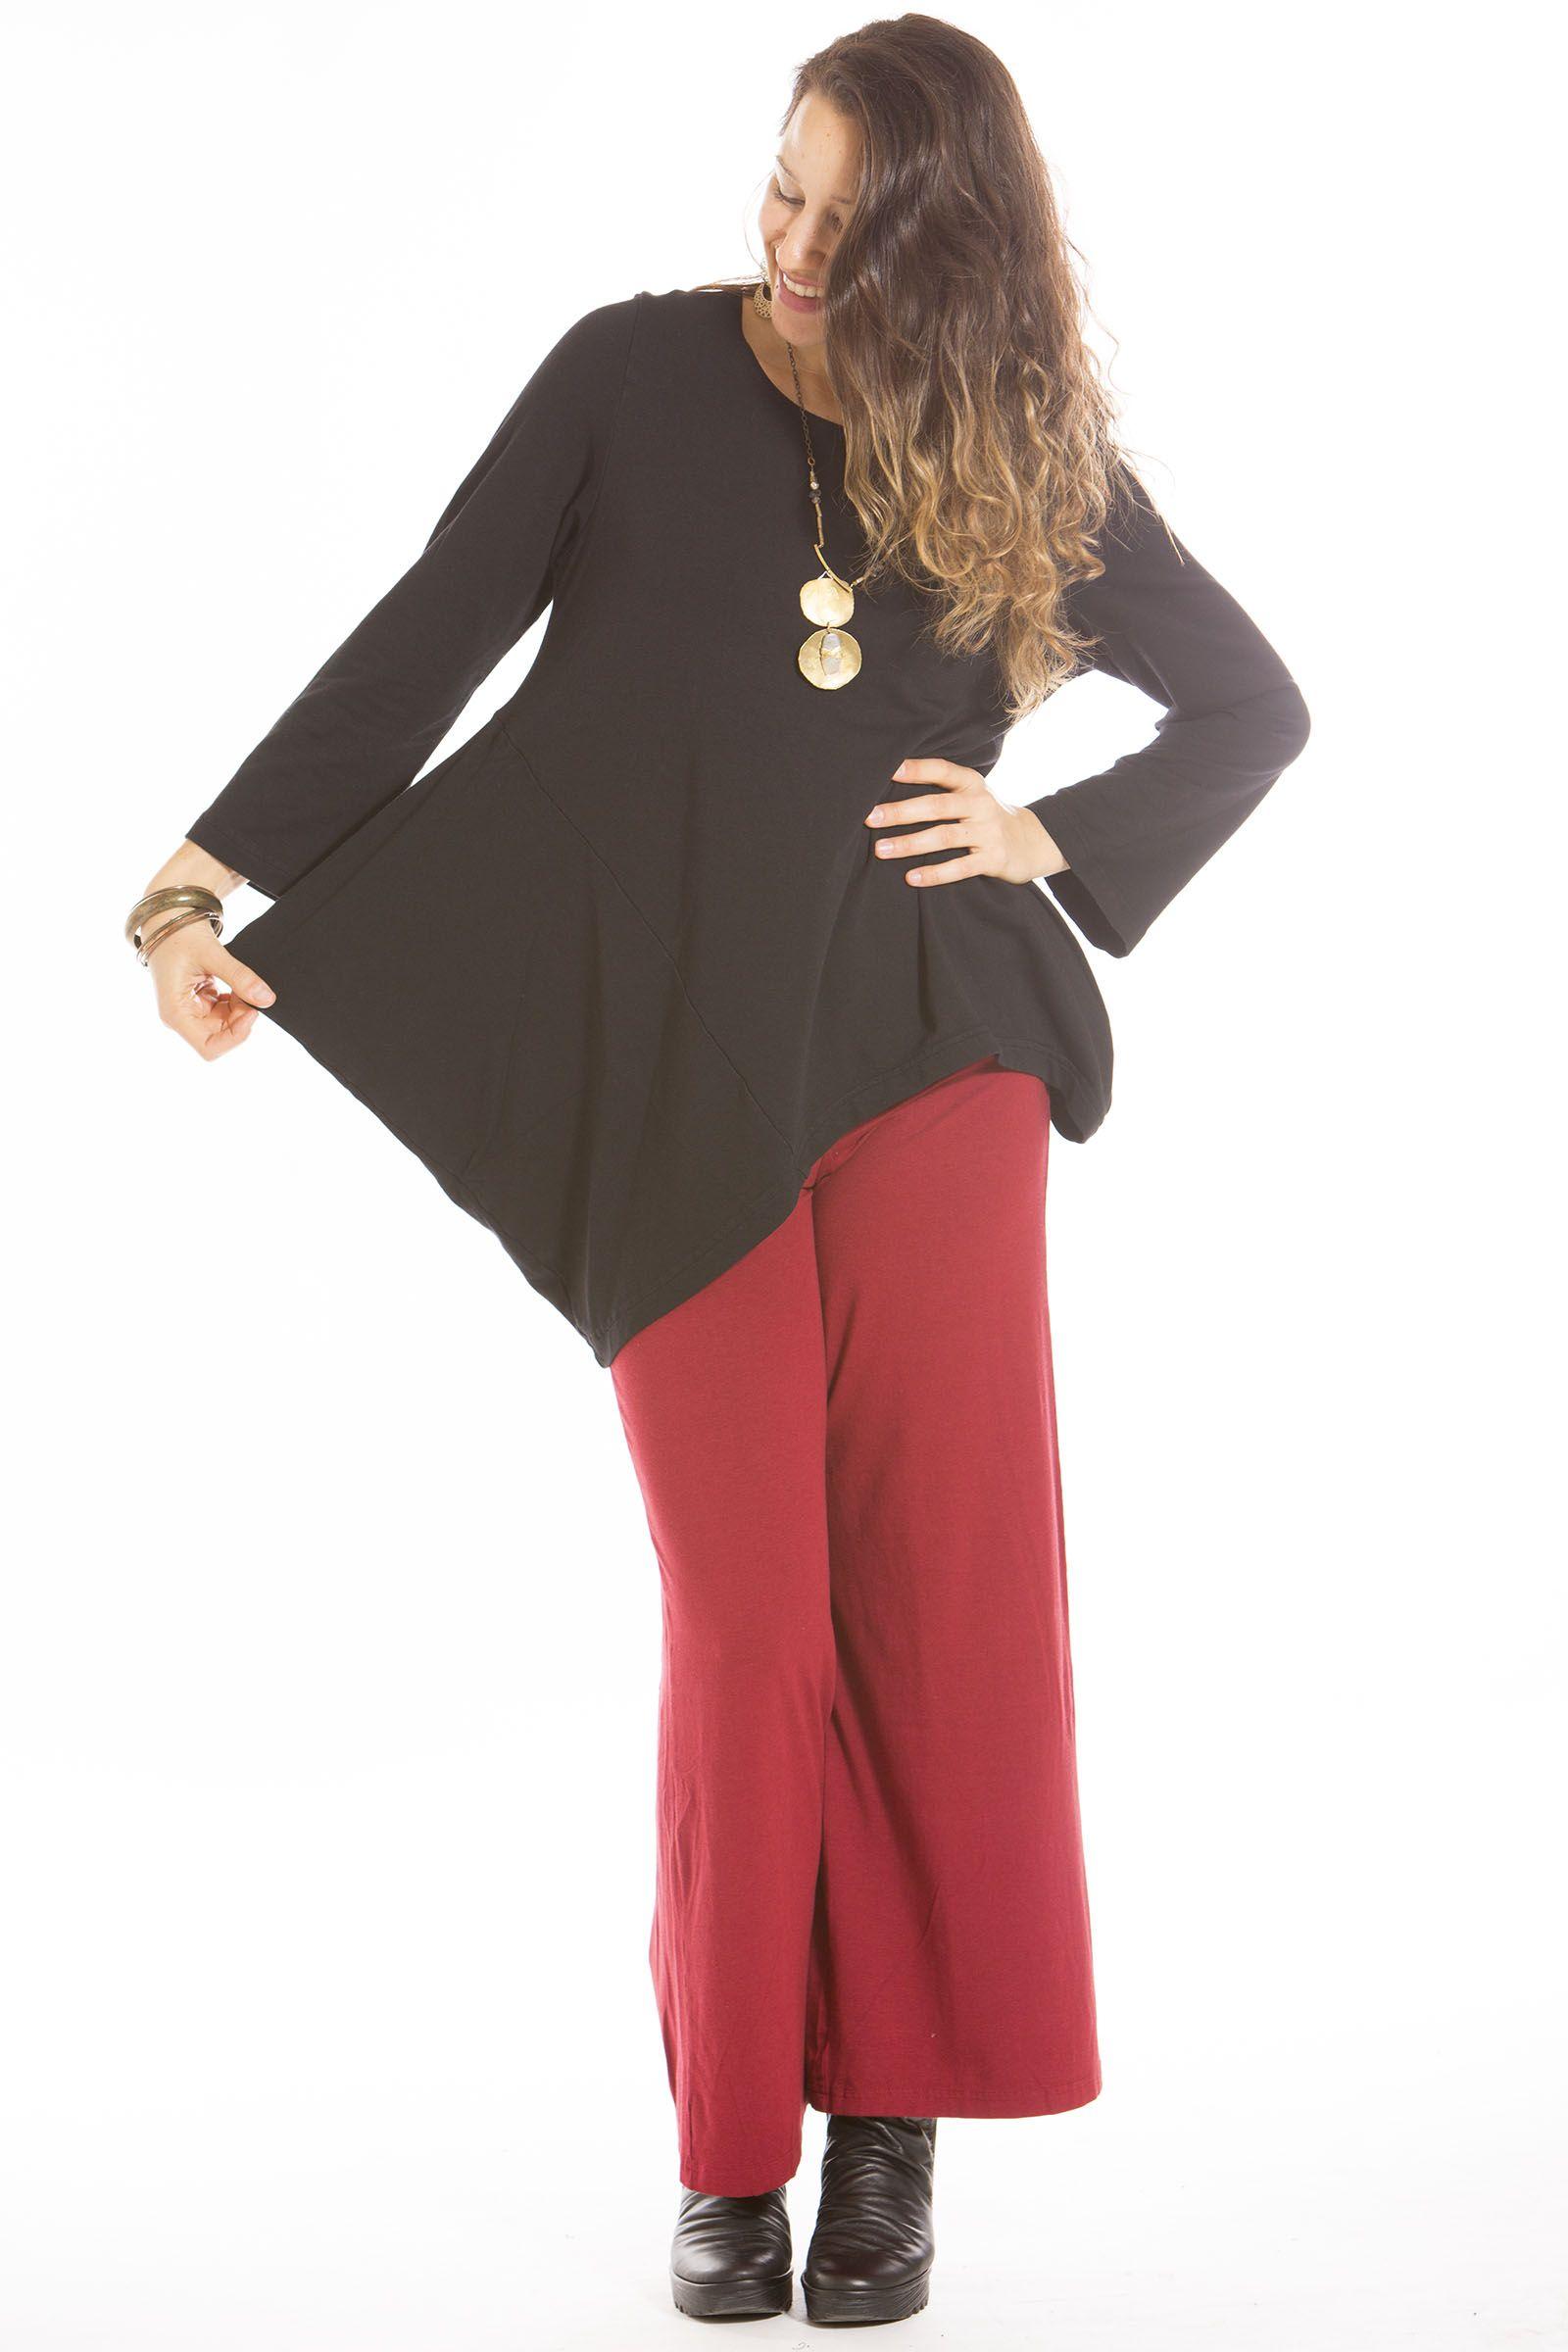 Deca shirt bryn walker fashion street style